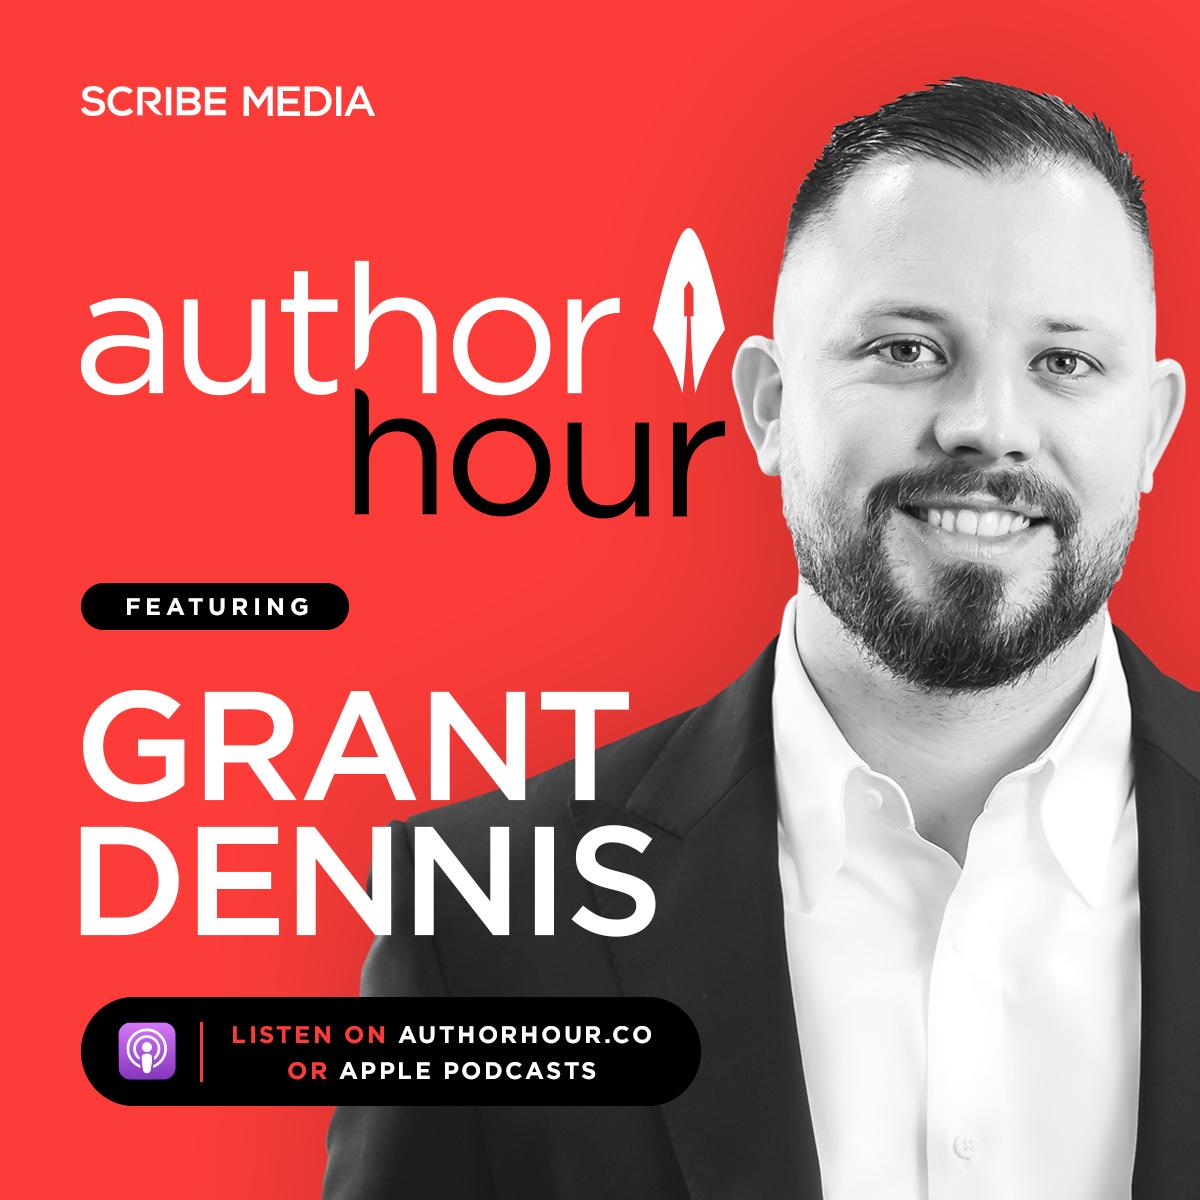 Author Hour Grant Dennis